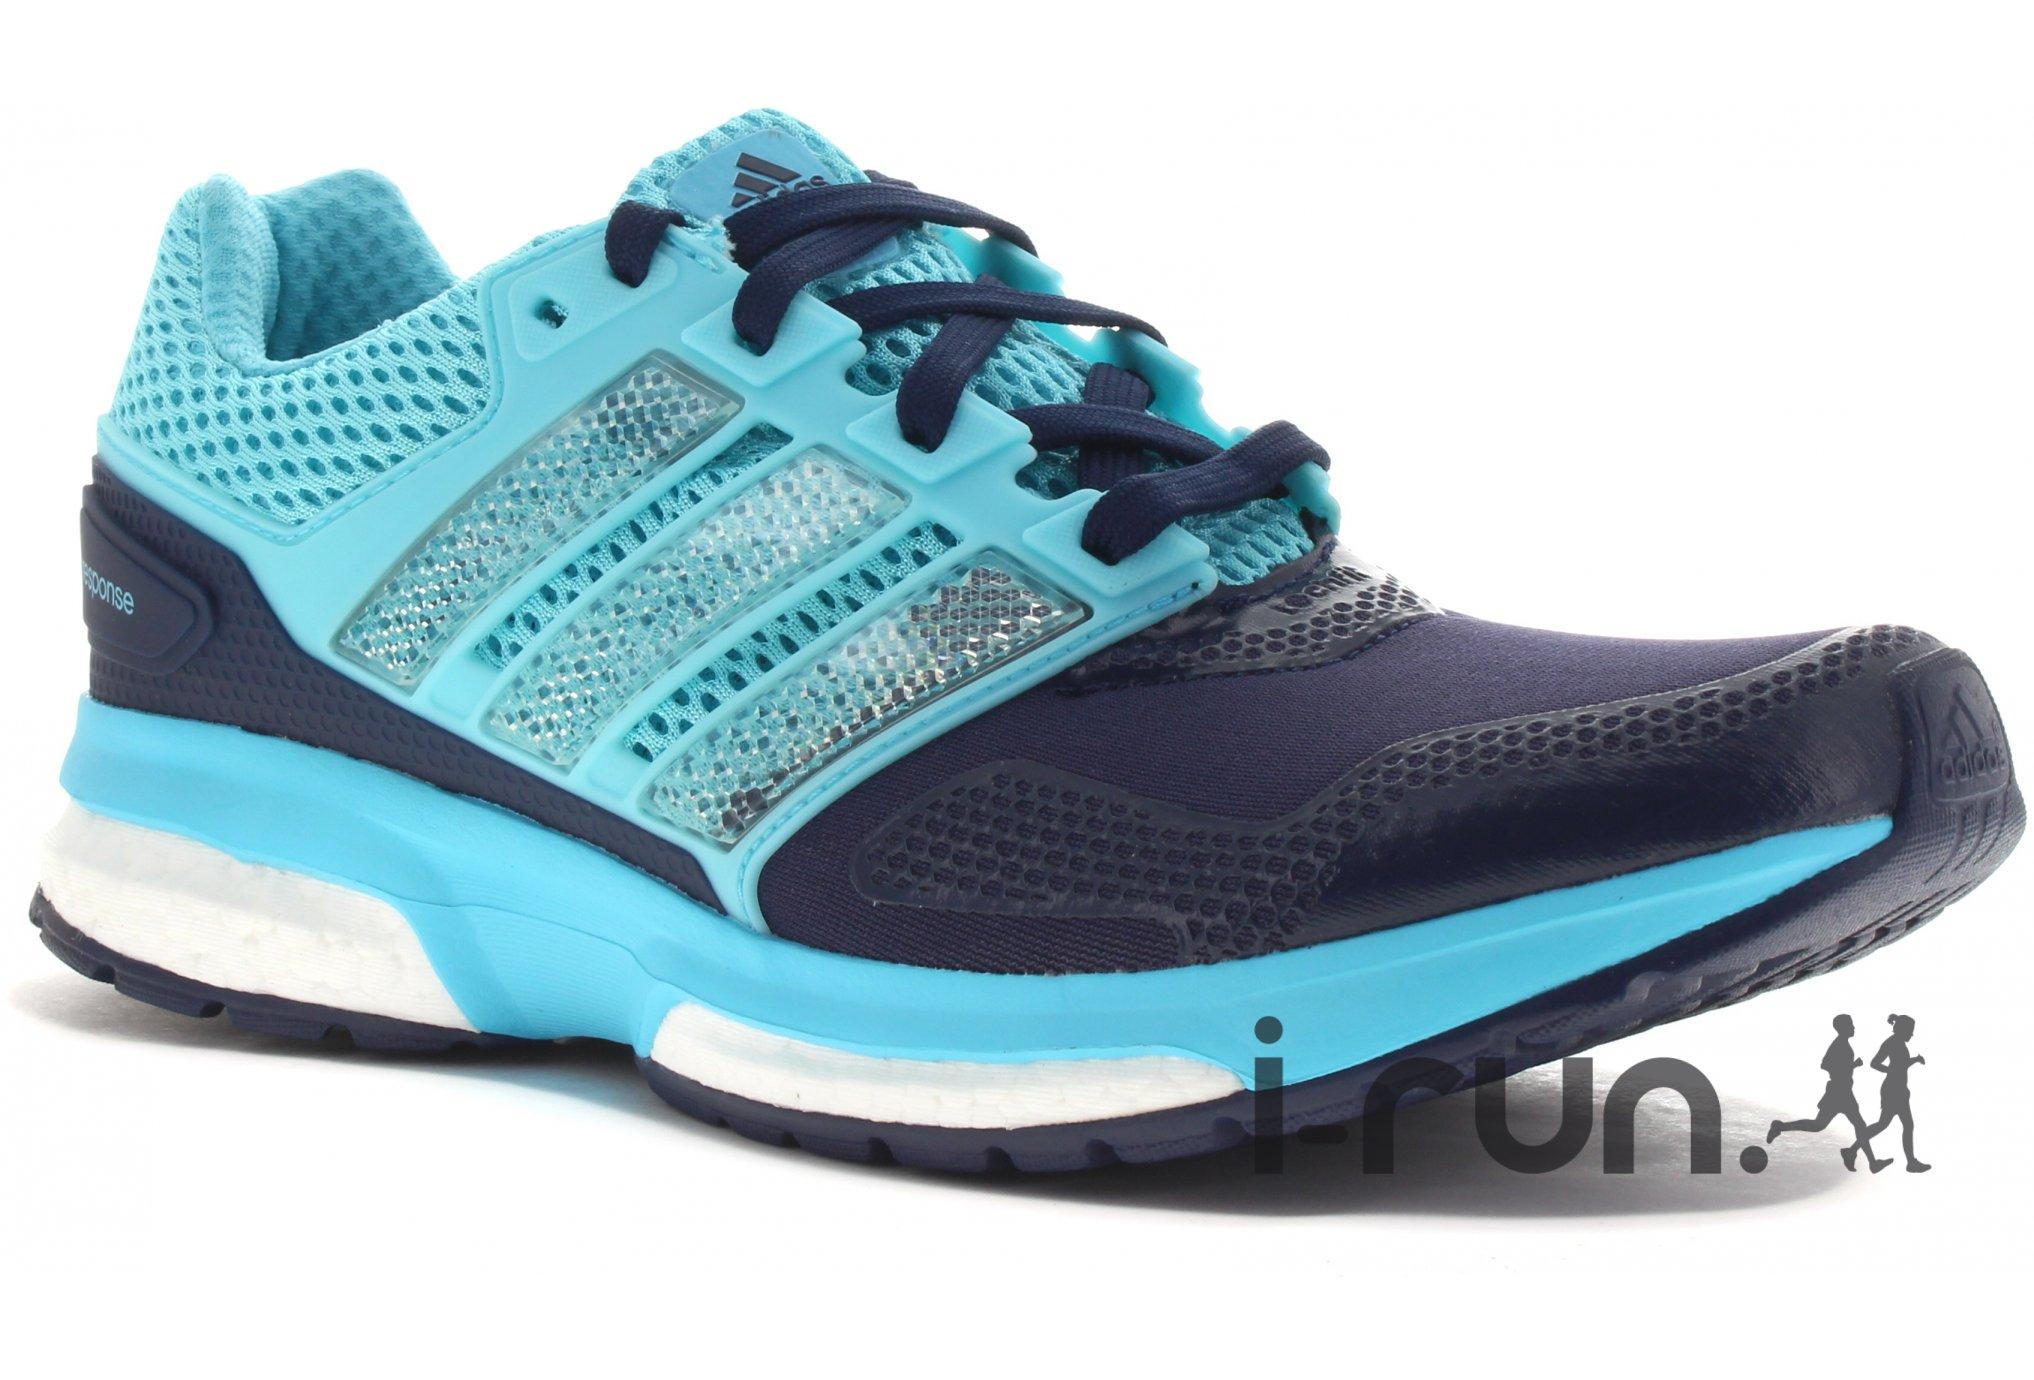 Adidas Response boost 2 techfit w diététique chaussures femme